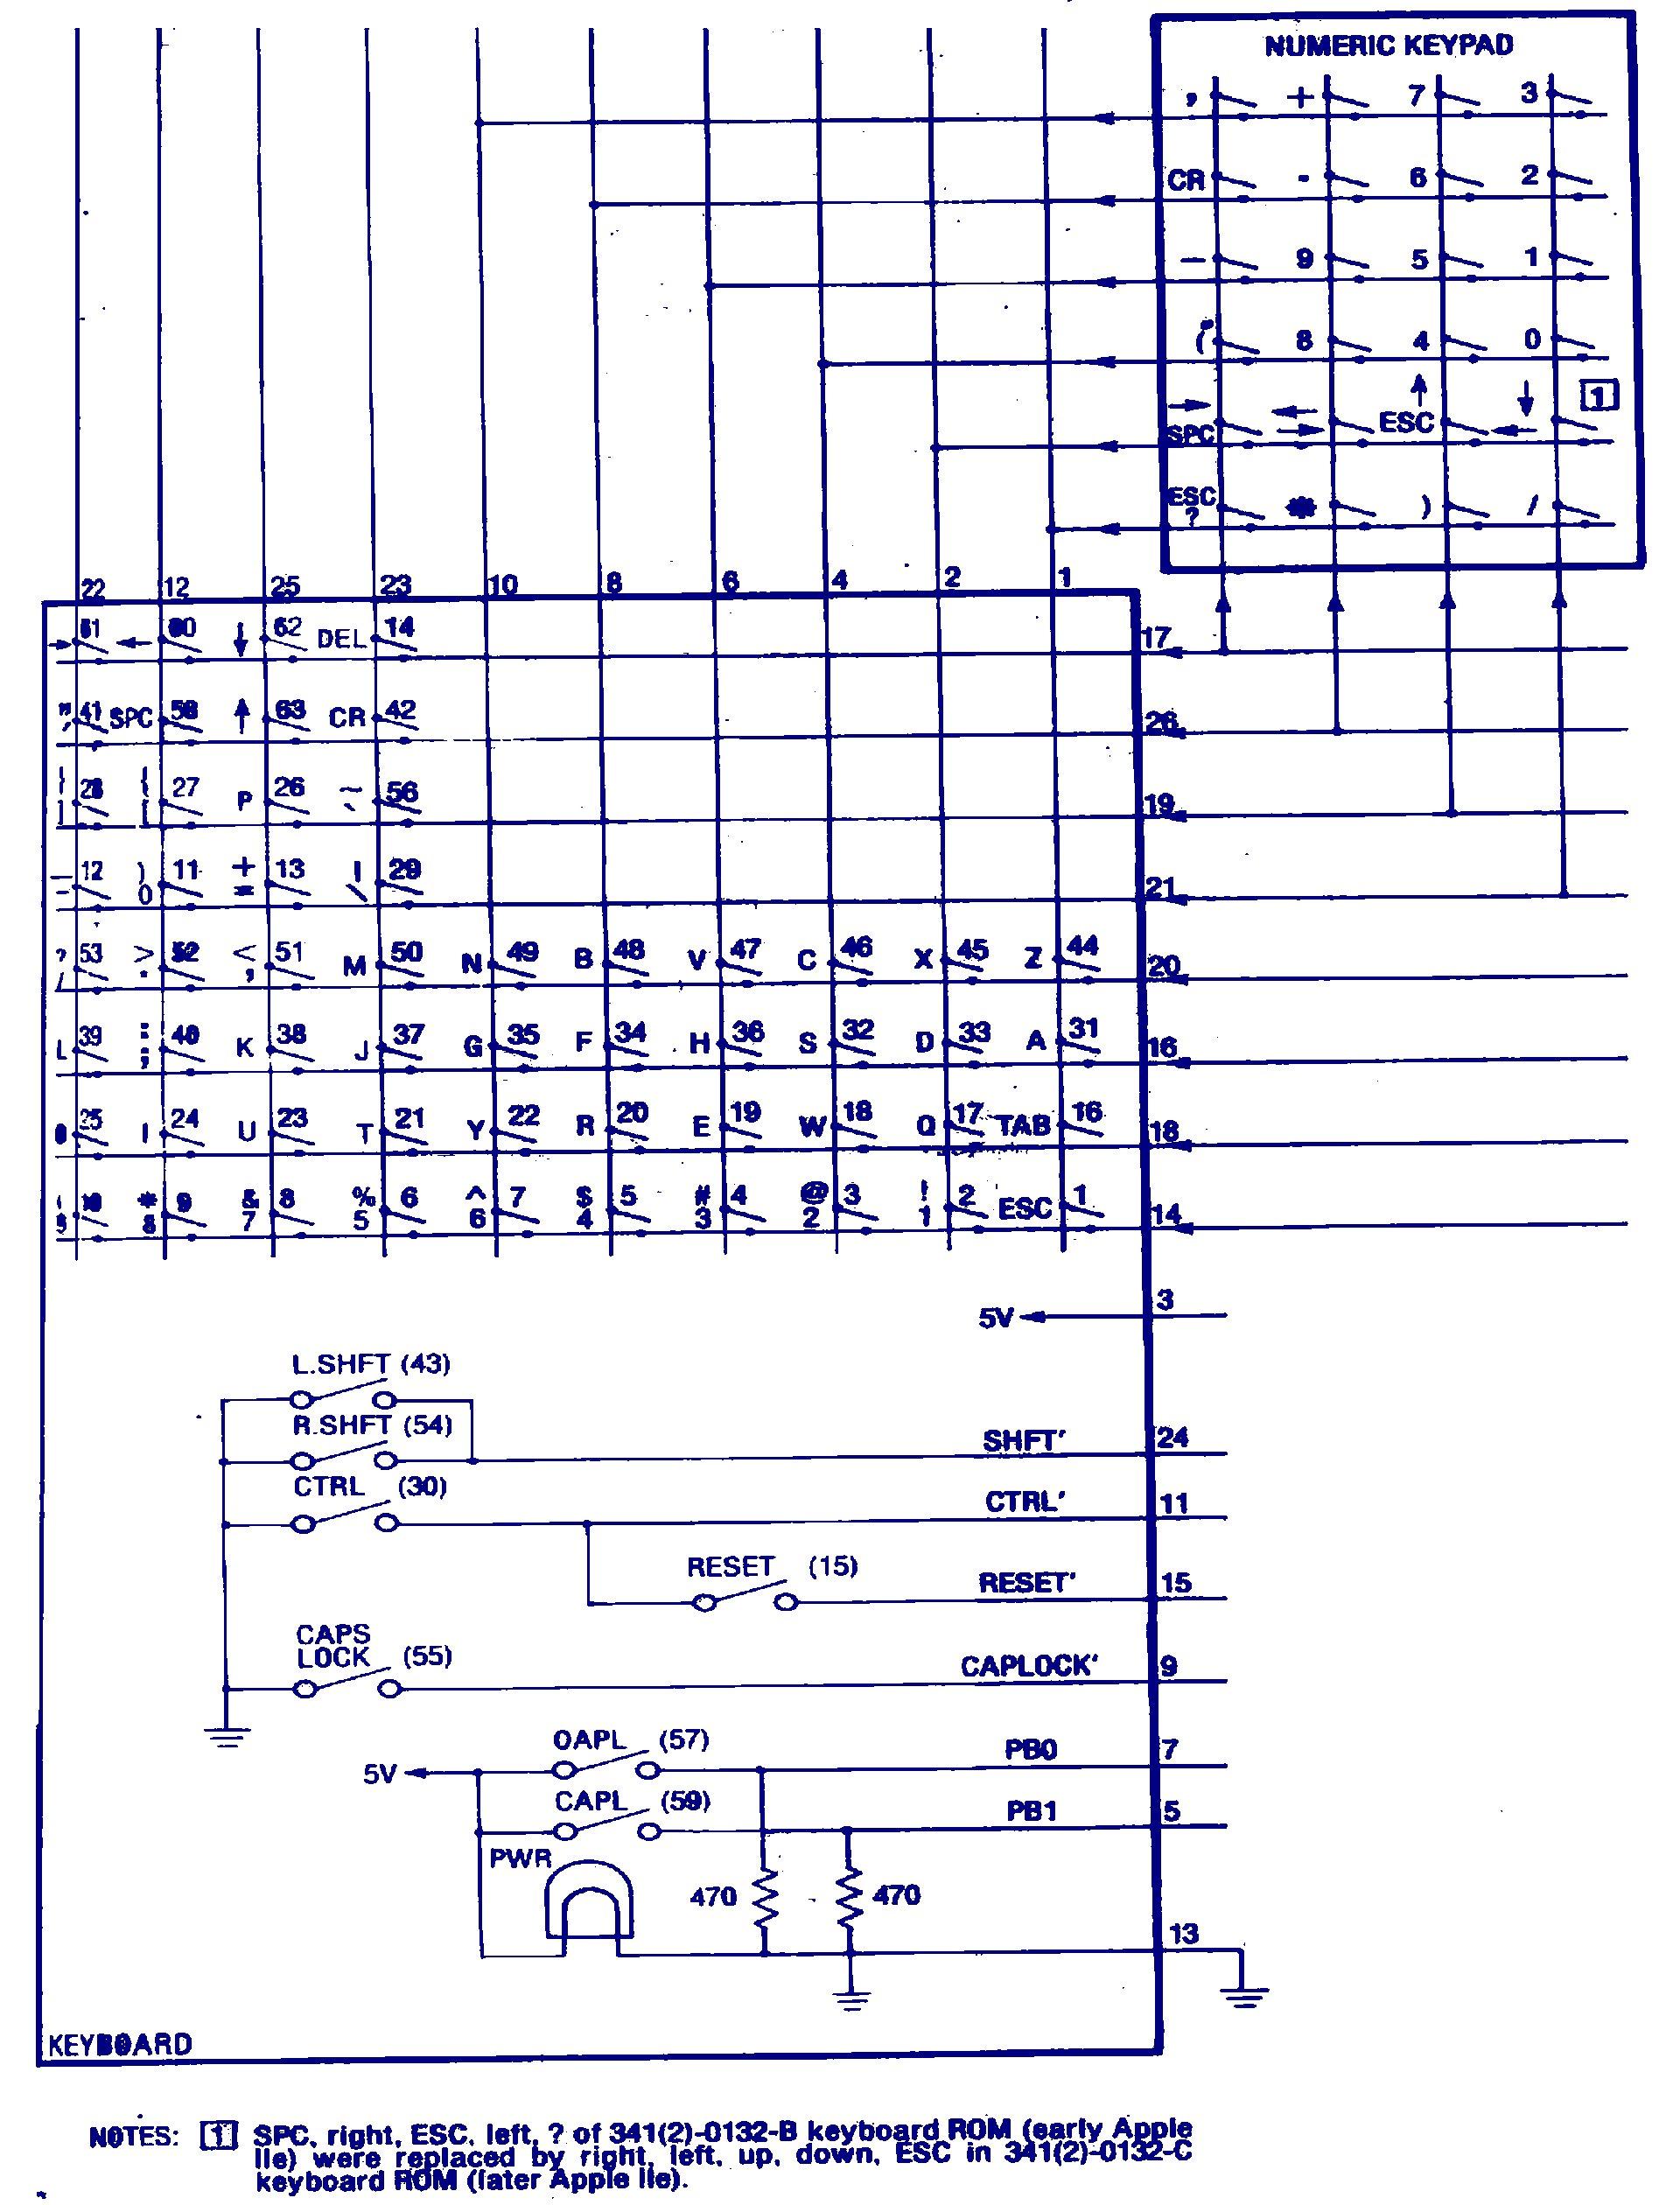 Apple IIe keyboard schematic